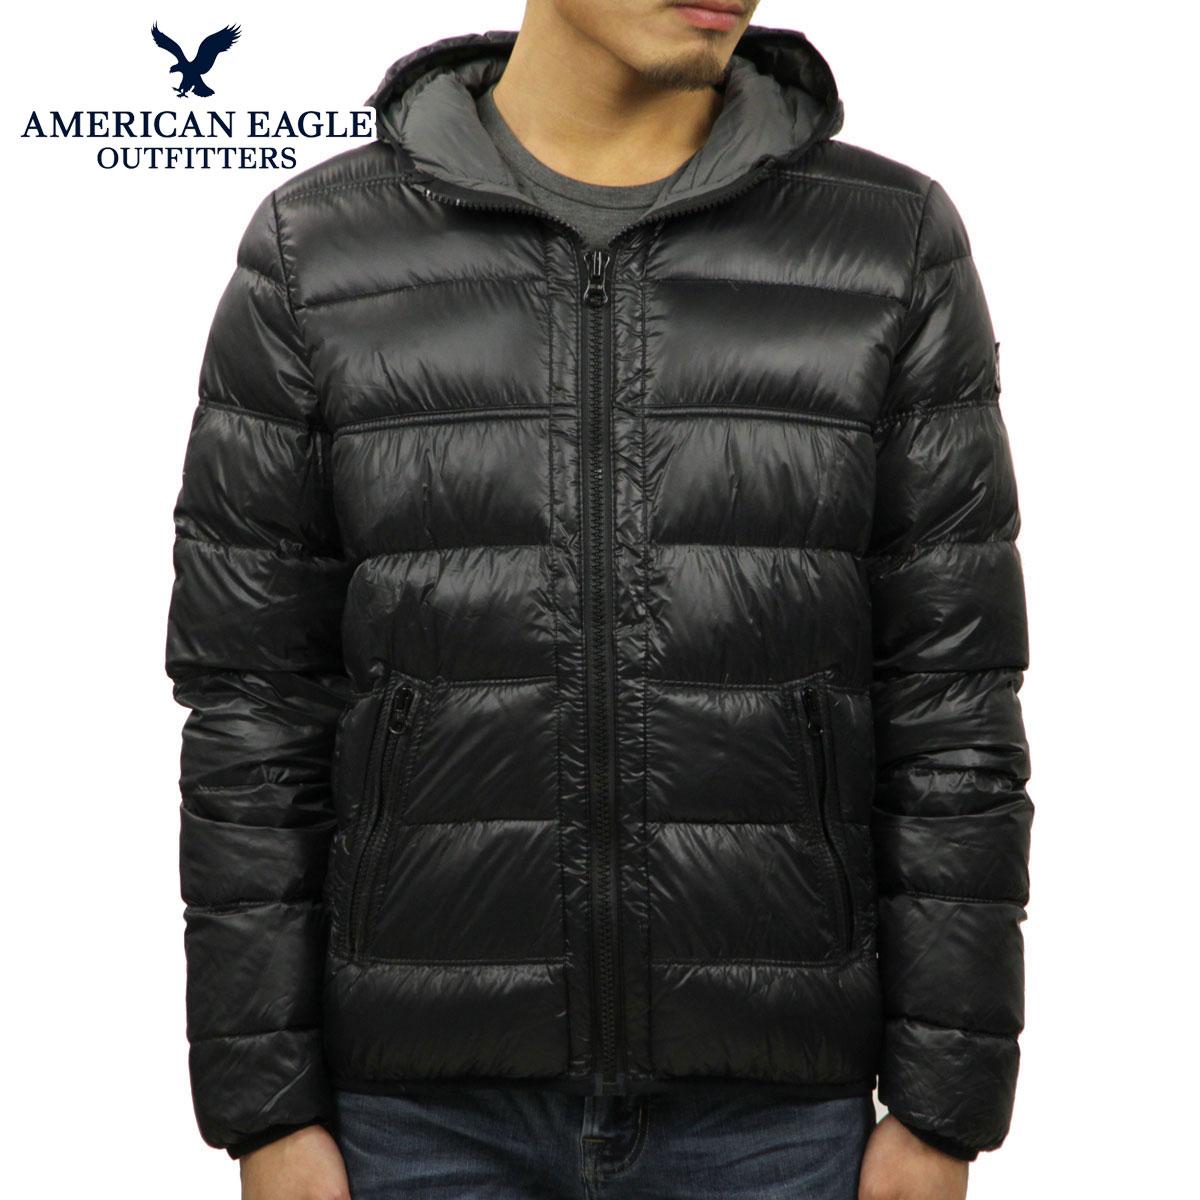 アメリカンイーグル AMERICAN EAGLE 正規品 メンズ ダウンジャケット AEO Get Down Hooded Puffer Jacket 0104-9549 D20S30